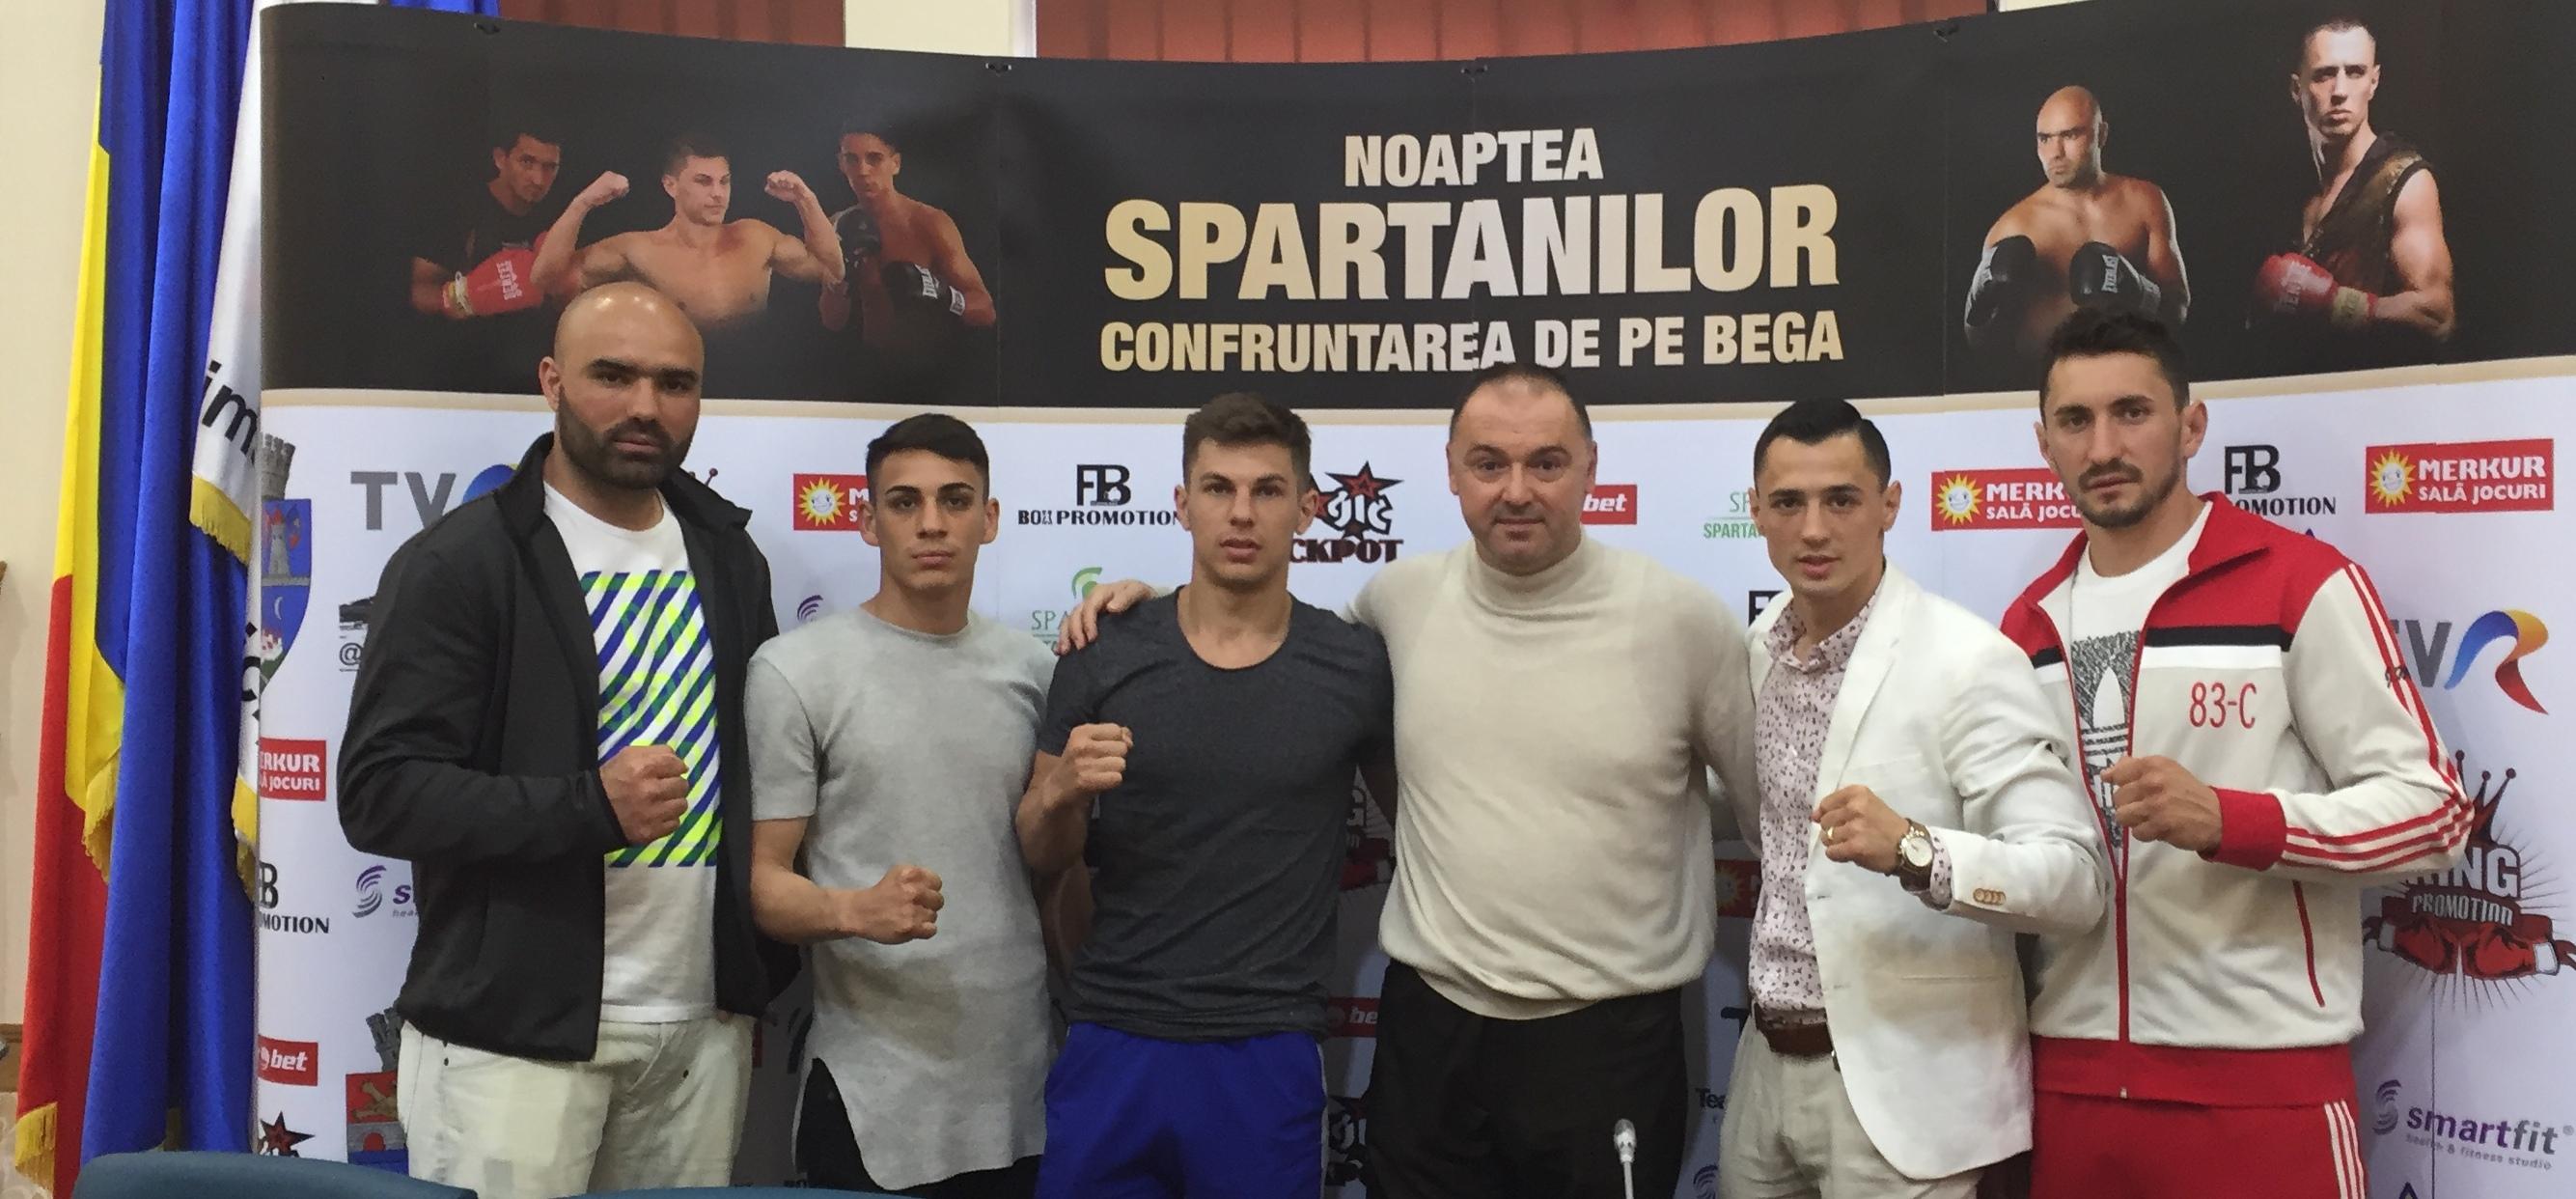 Box Noaptea Spartanilor